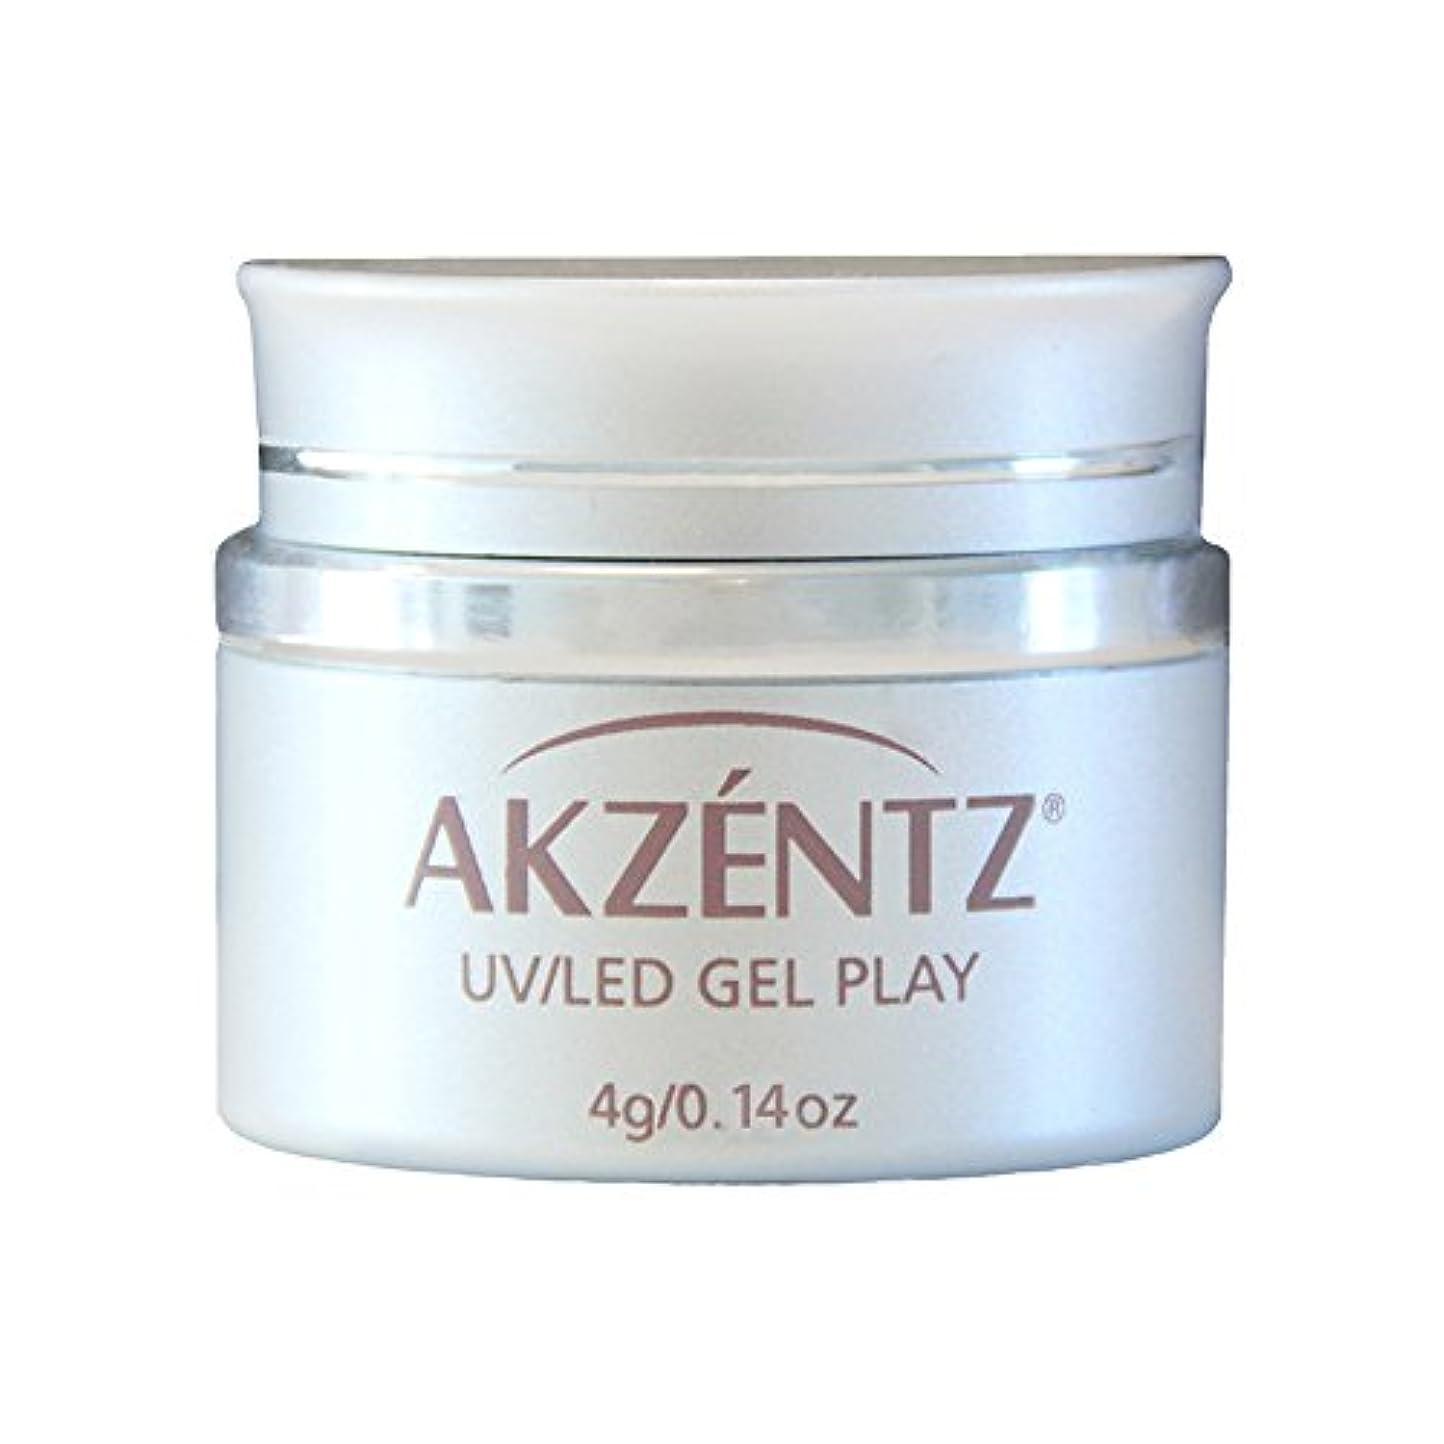 悪用波紋胆嚢AKZENTZ カラージェル ジェルプレイ ペイントパープル 4g UV/LED対応